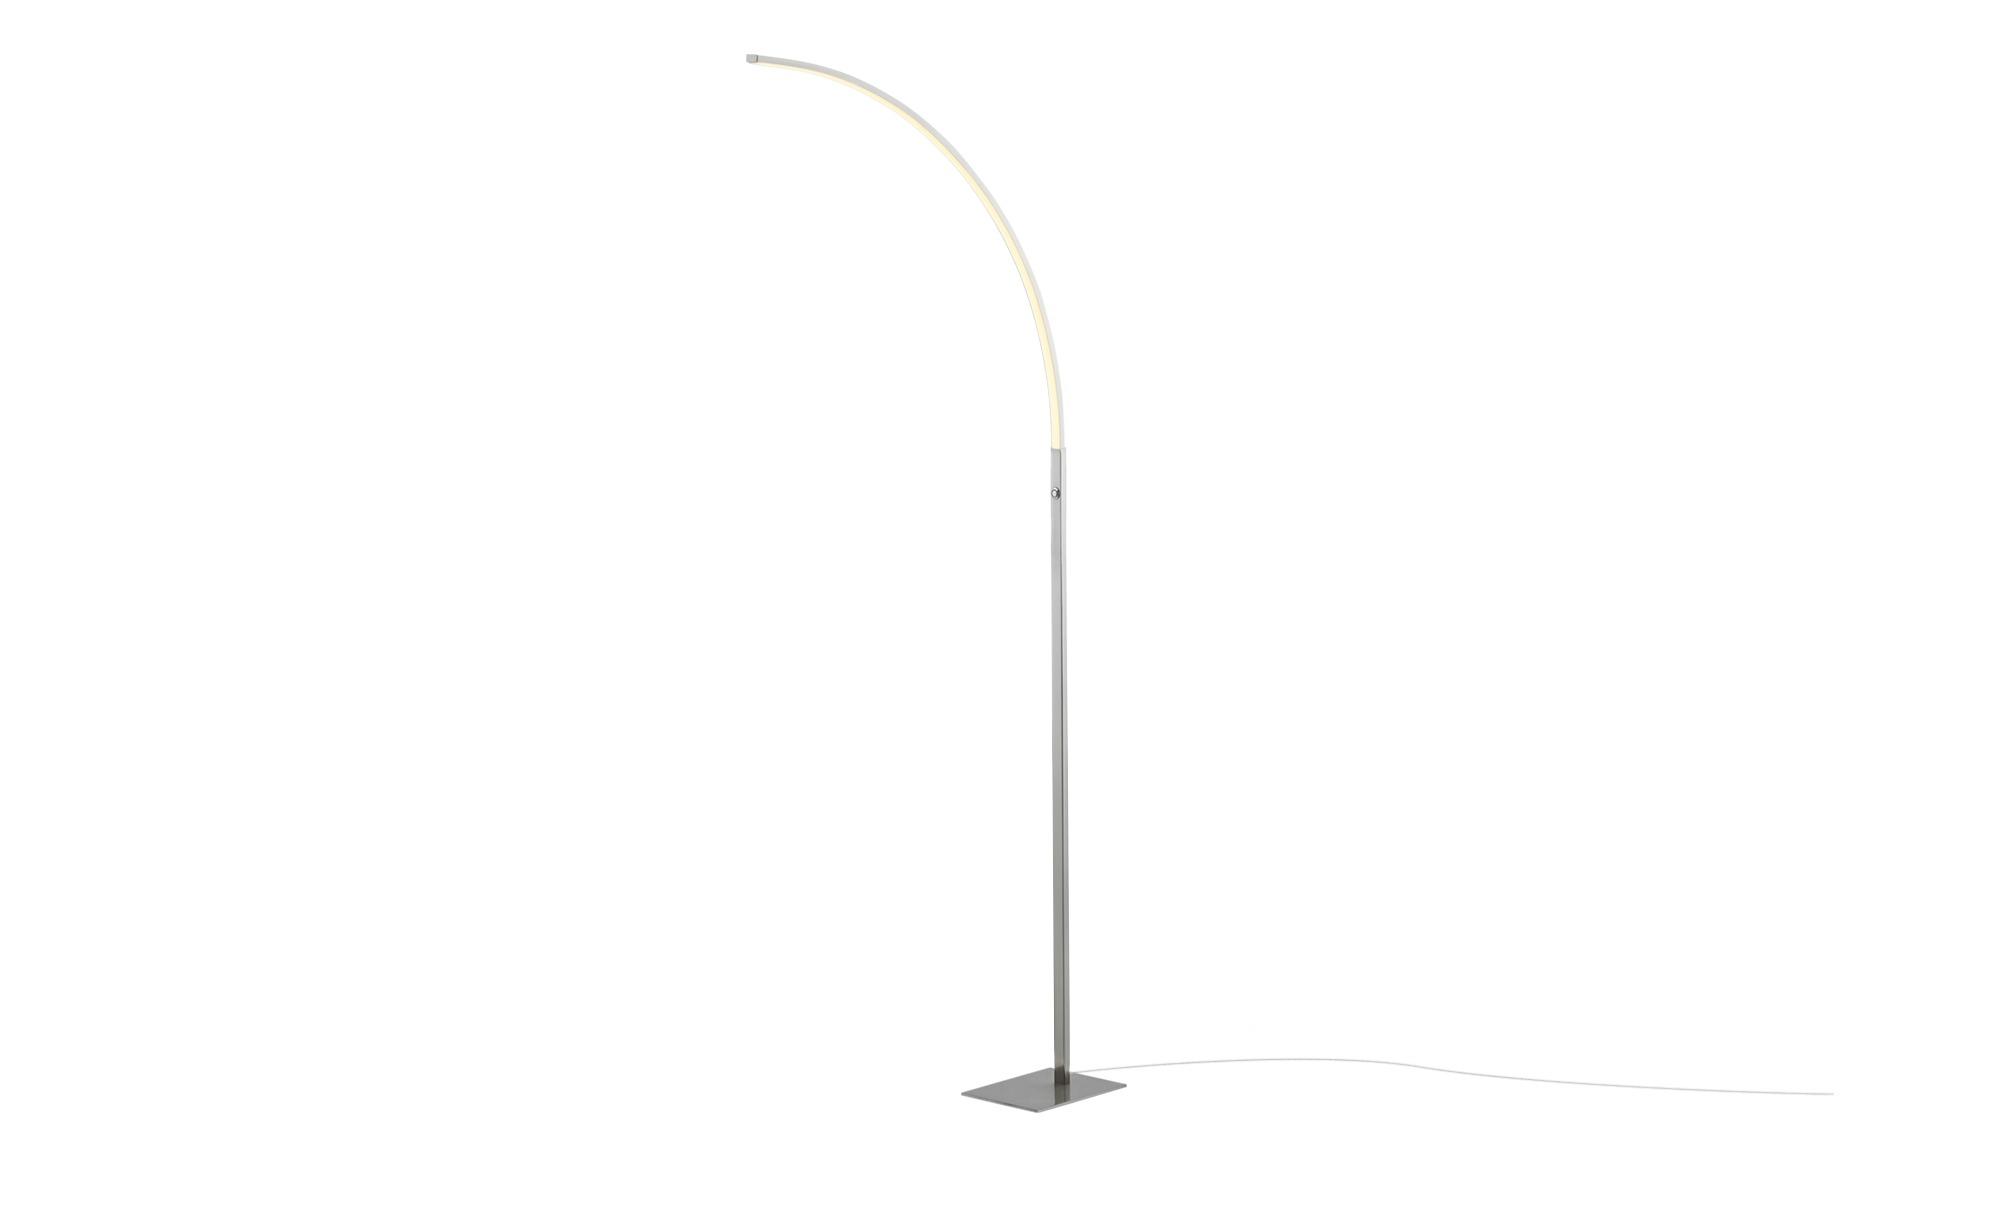 KHG LED-Stehleuchte, 1-flammig, nickel-matt ¦ silber ¦ Maße (cm): B: 18 H: 155 Lampen & Leuchten > Innenleuchten > Stehlampen - Höffner